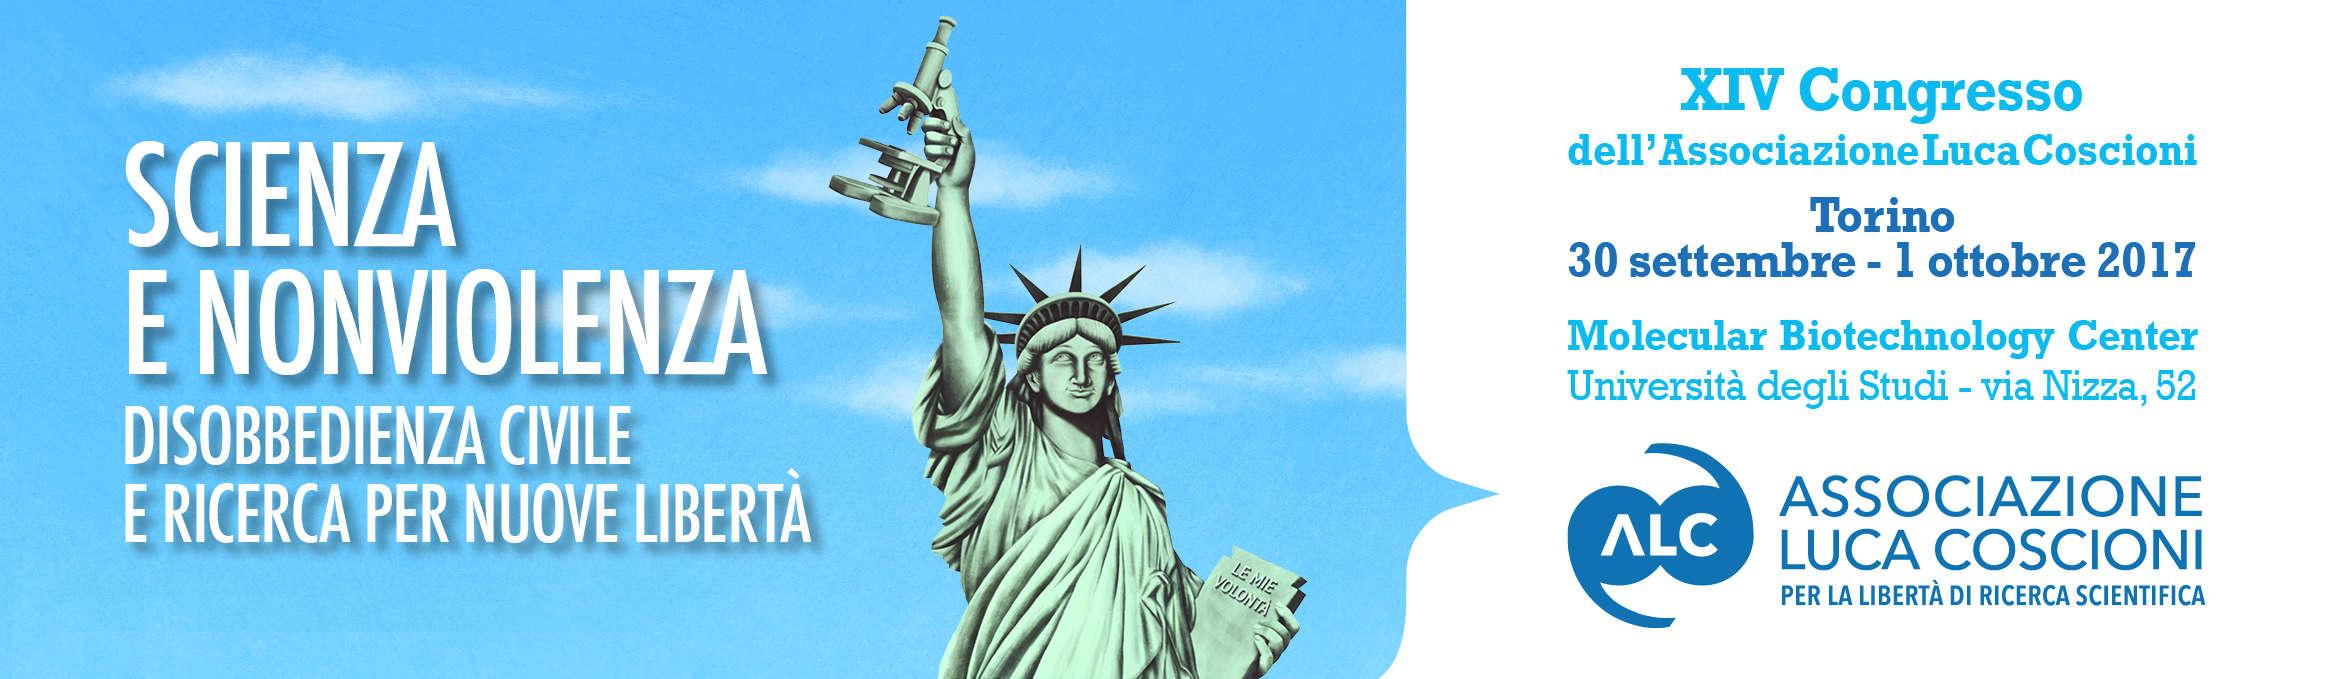 statua libertà con in mano microscopio e libro mie volontà